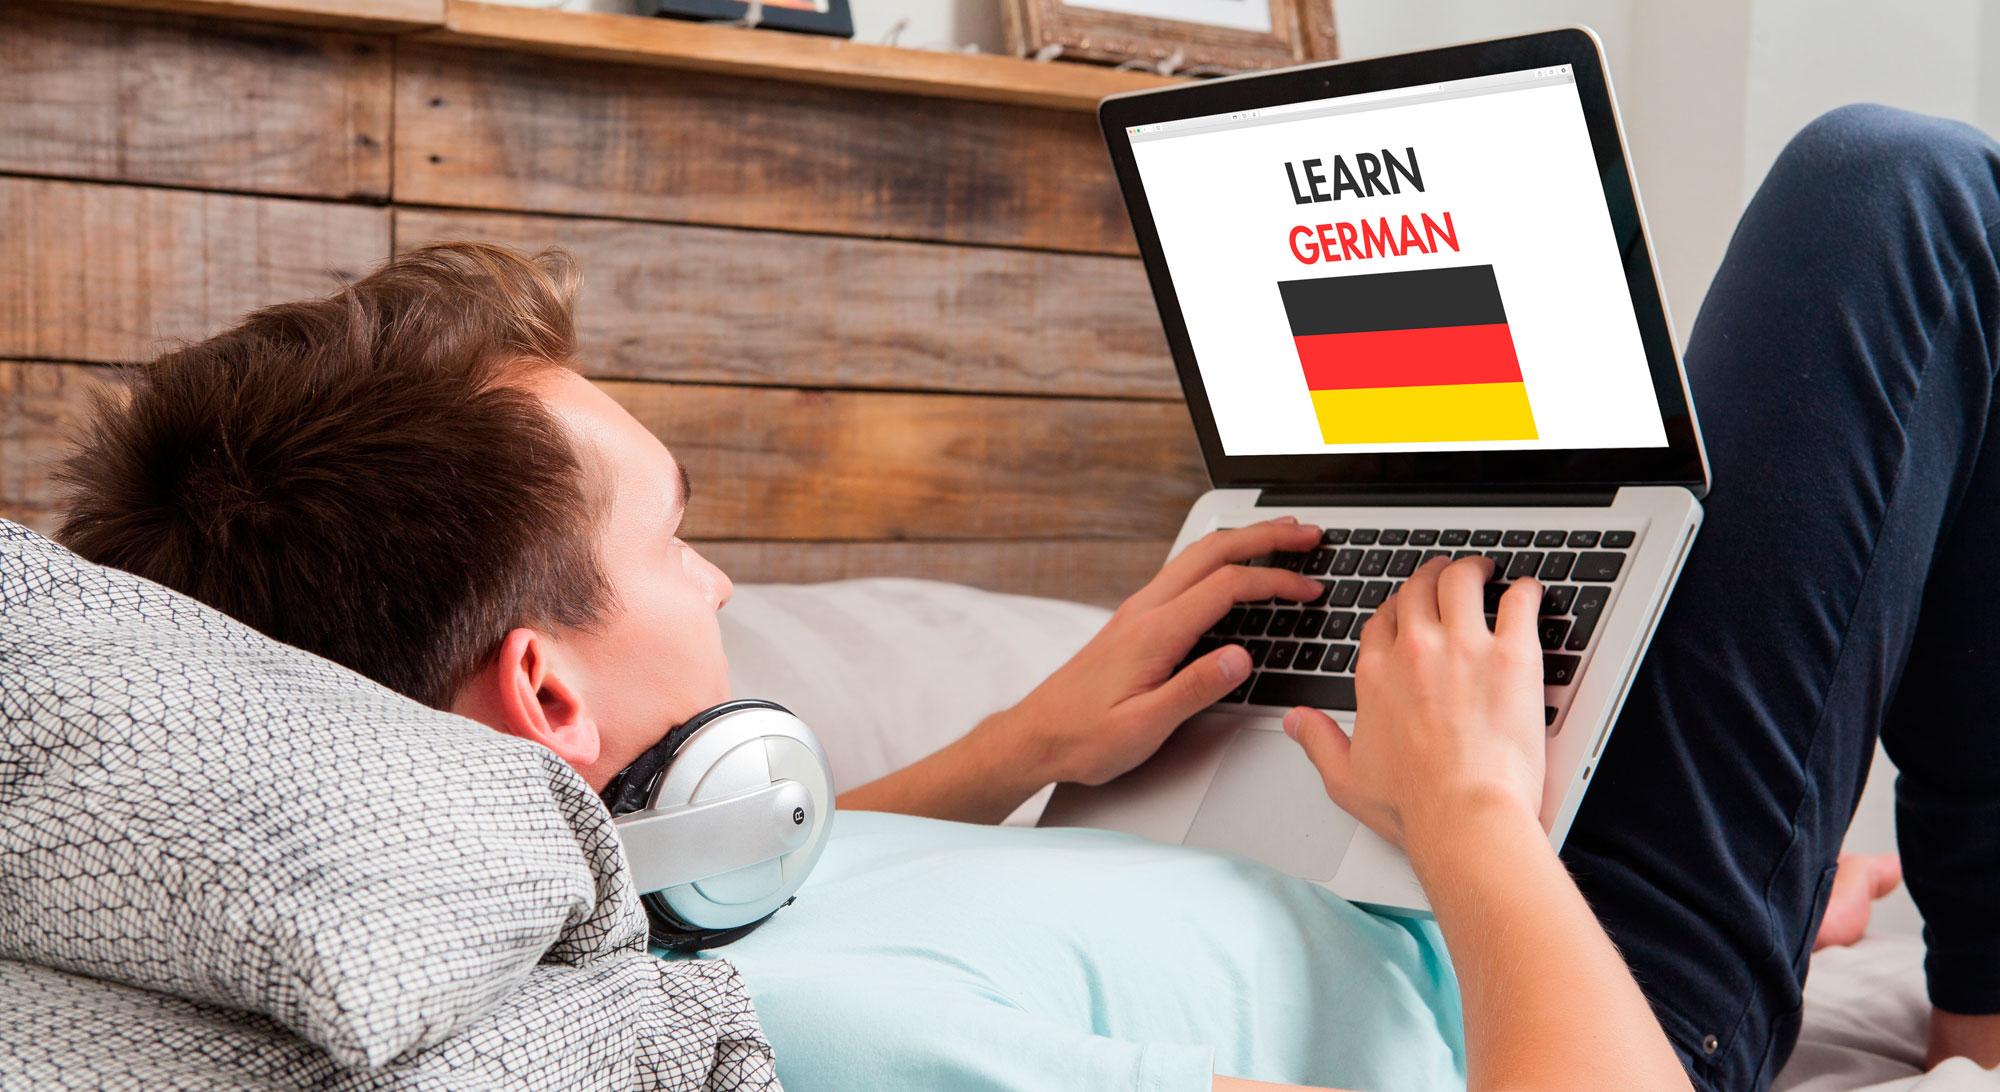 تعلم الألمانية بالمجان